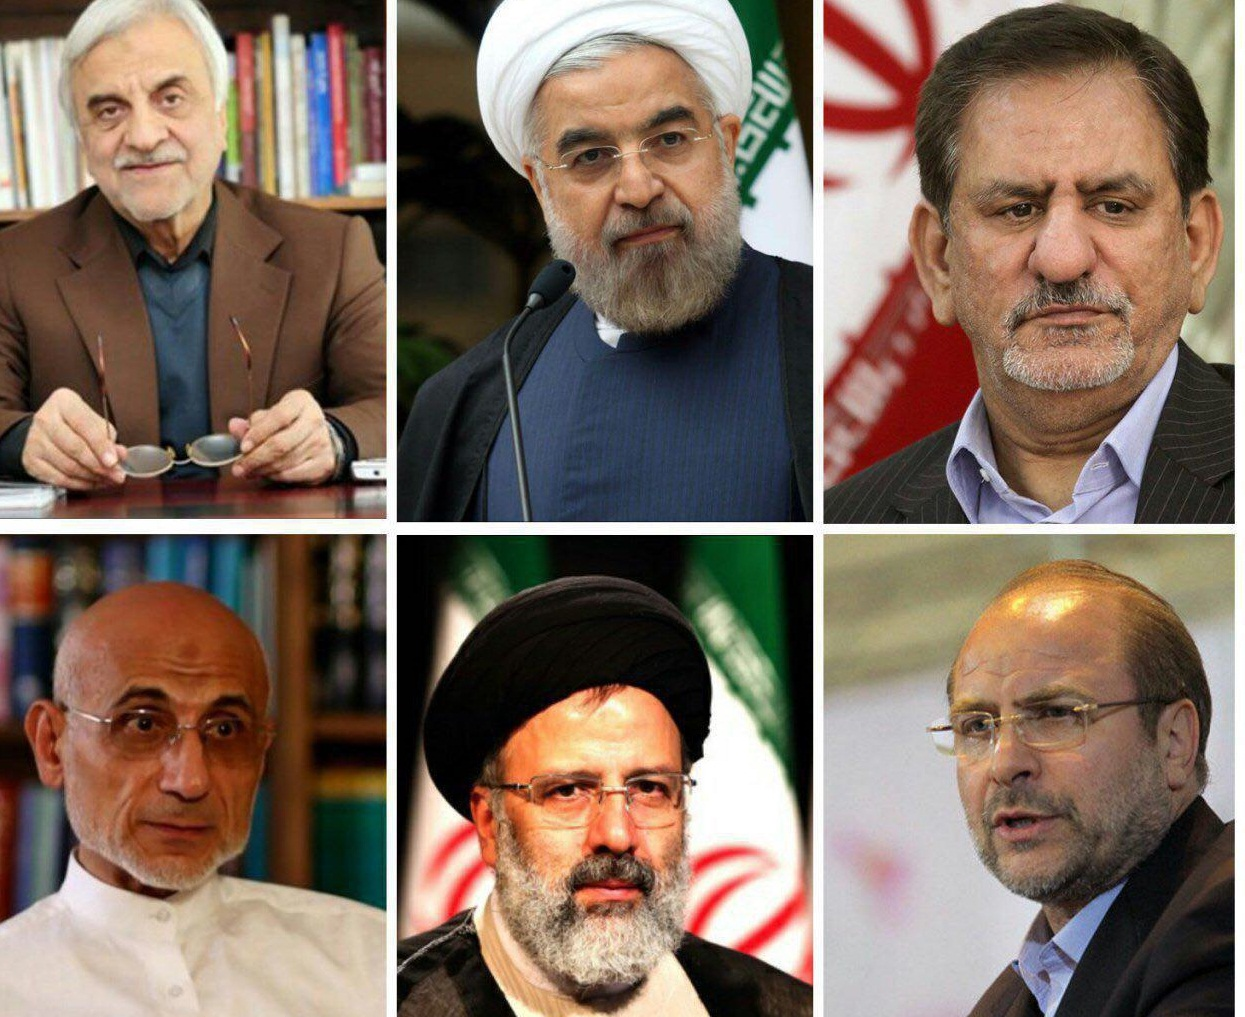 وزارت کشور: 6 کاندیدا تایید صلاحیت شدند